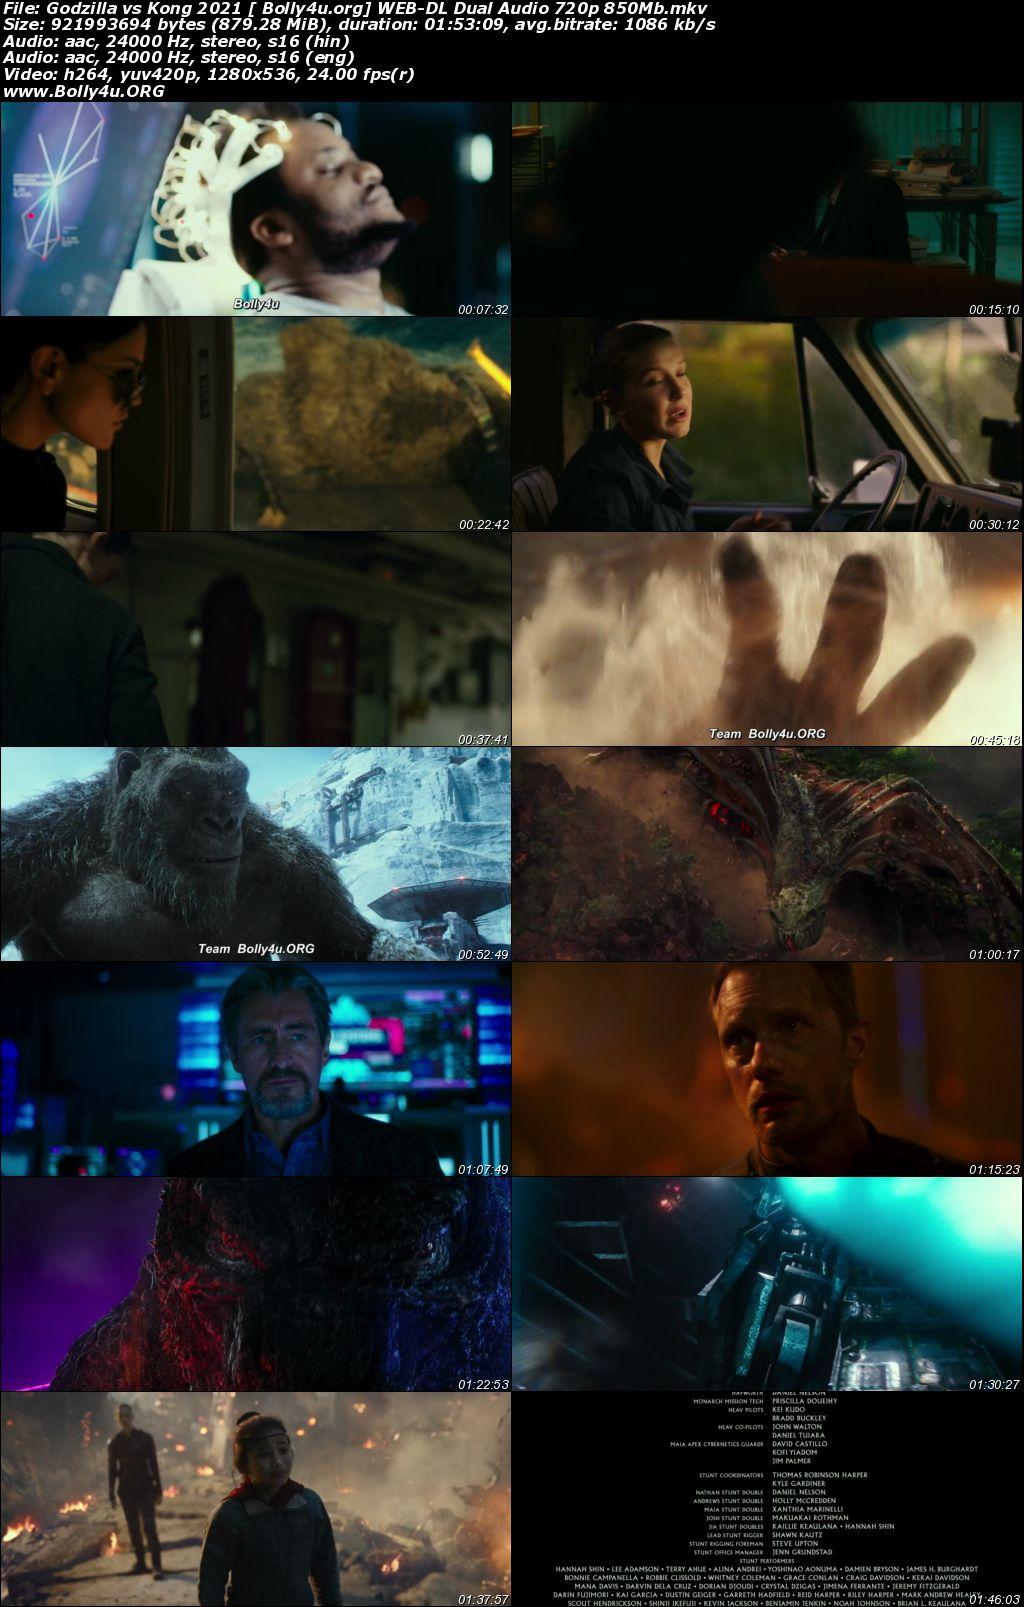 Godzilla vs Kong 2021 WEB-DL 850MB Hindi Dual Audio 720p Download